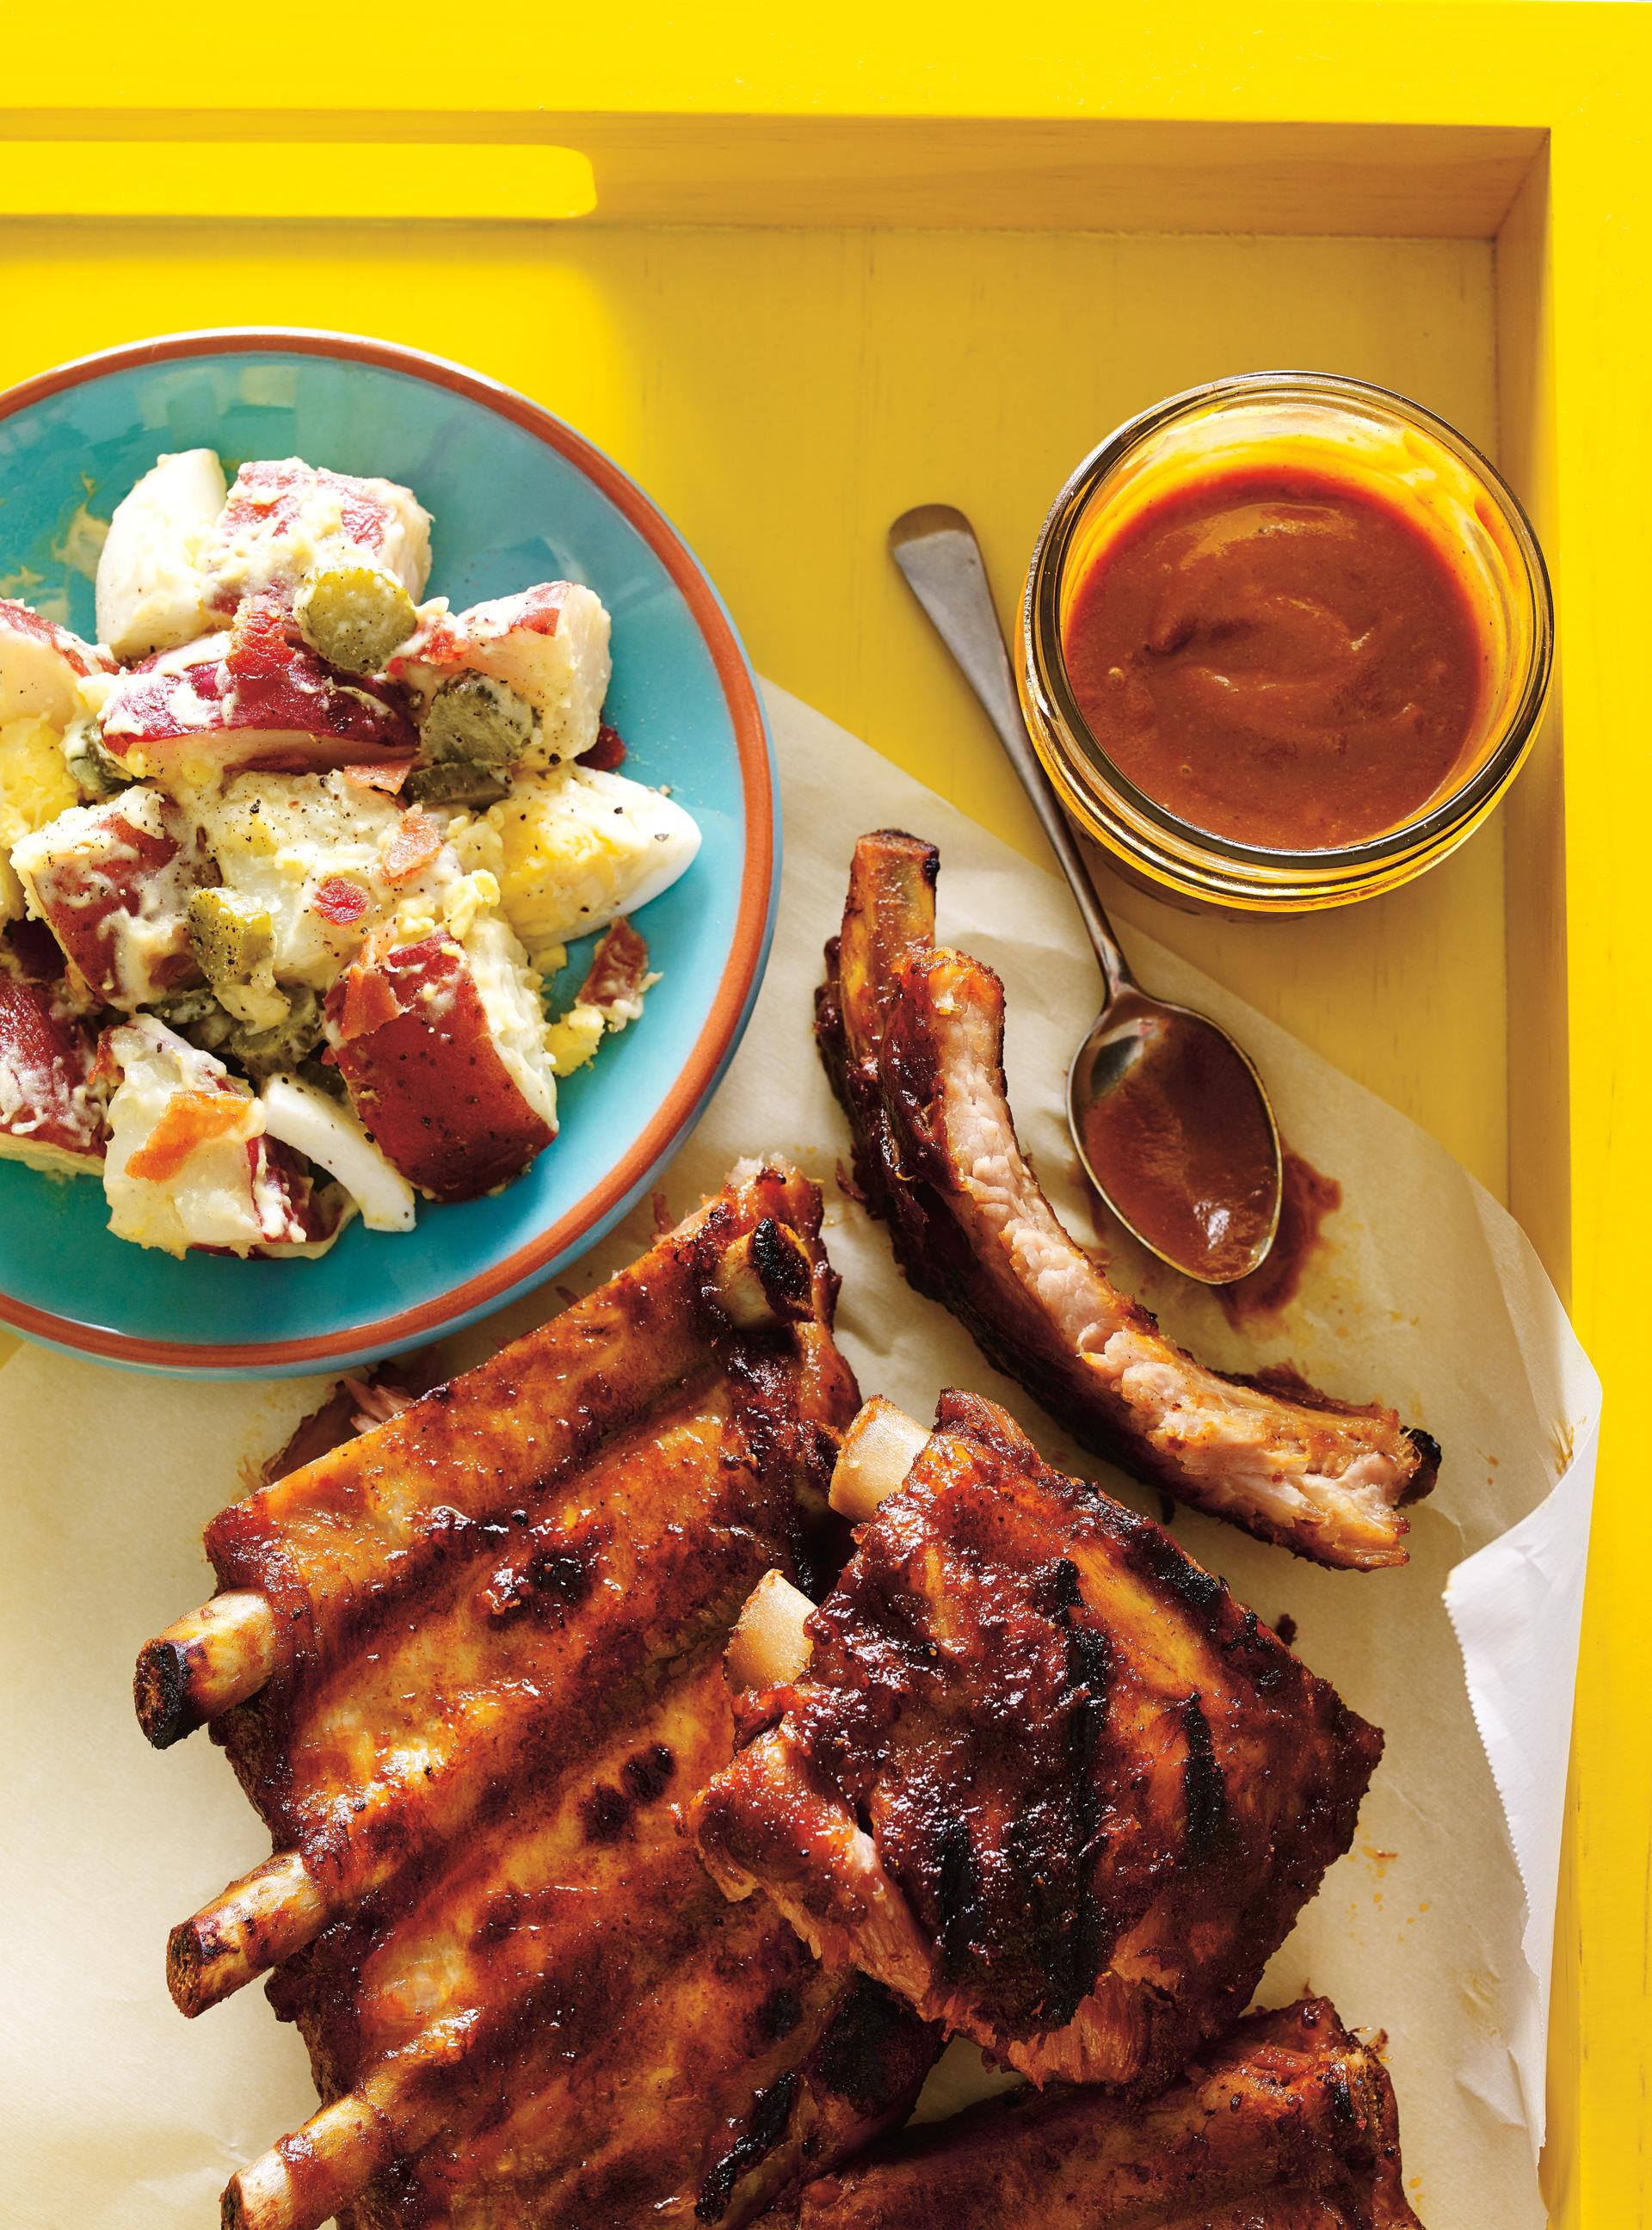 Salade de pommes de terre et d'œufs | ricardo